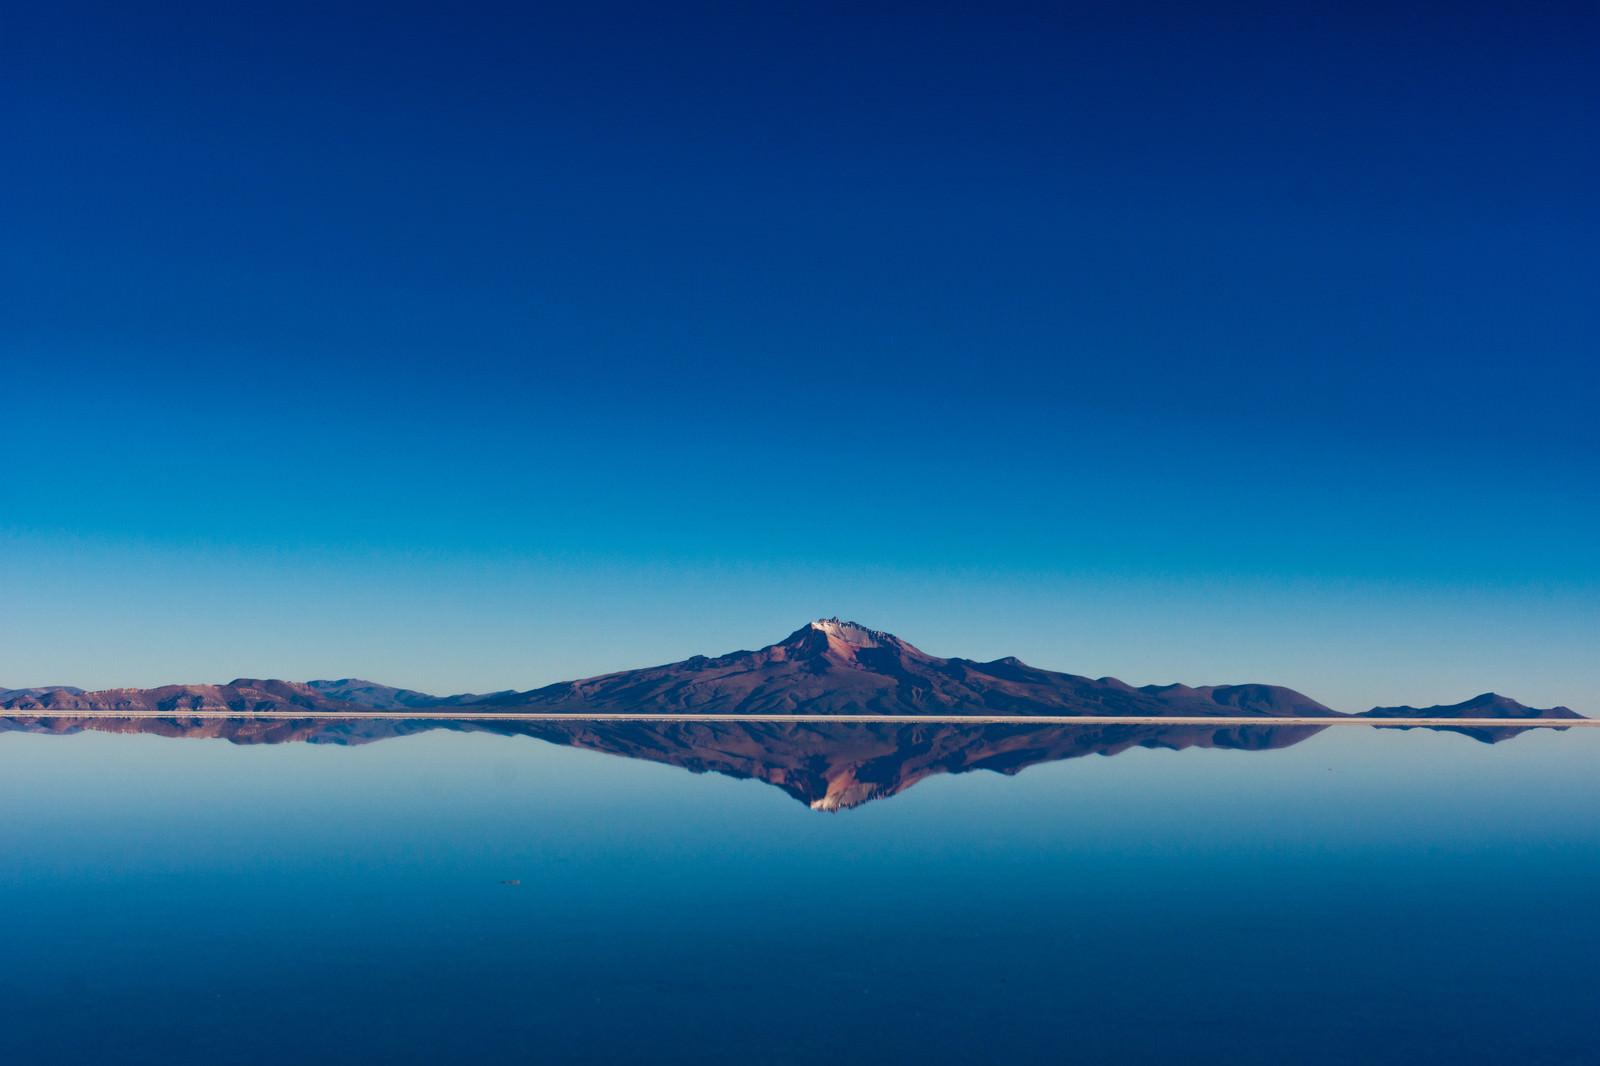 「鏡張りの山(ウユニ塩湖)」の写真